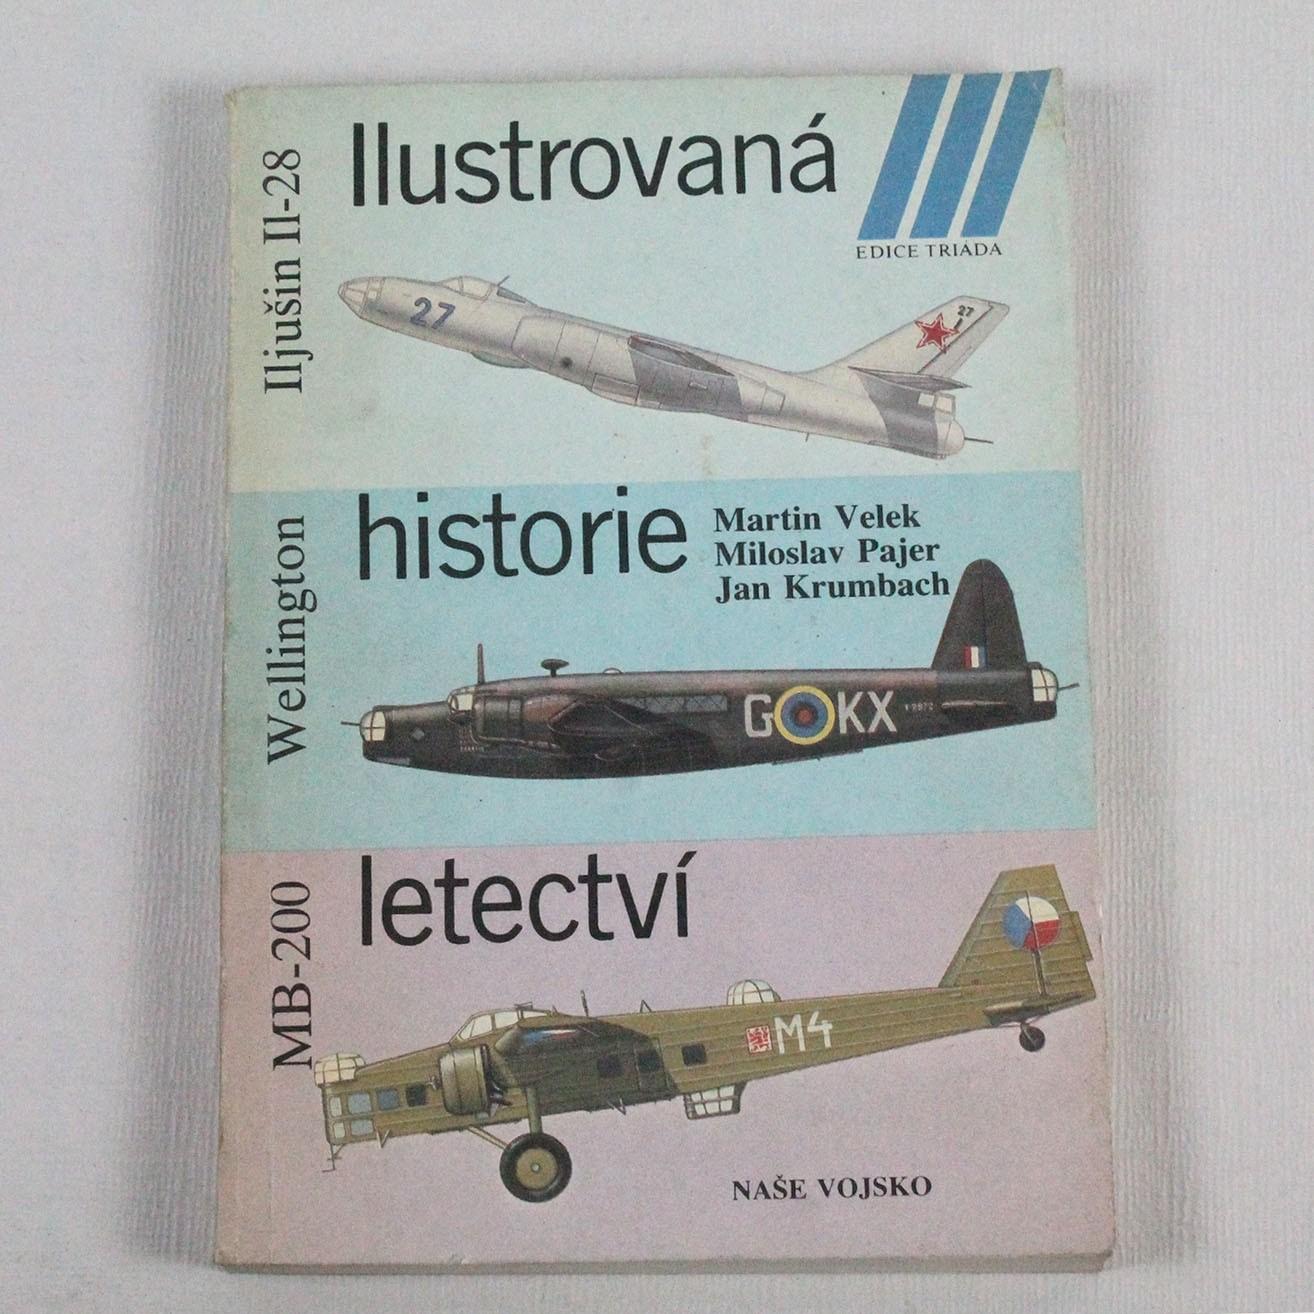 LIBCZ-ILUSTROVANÁ HISTORIE LETECTVÍ-1